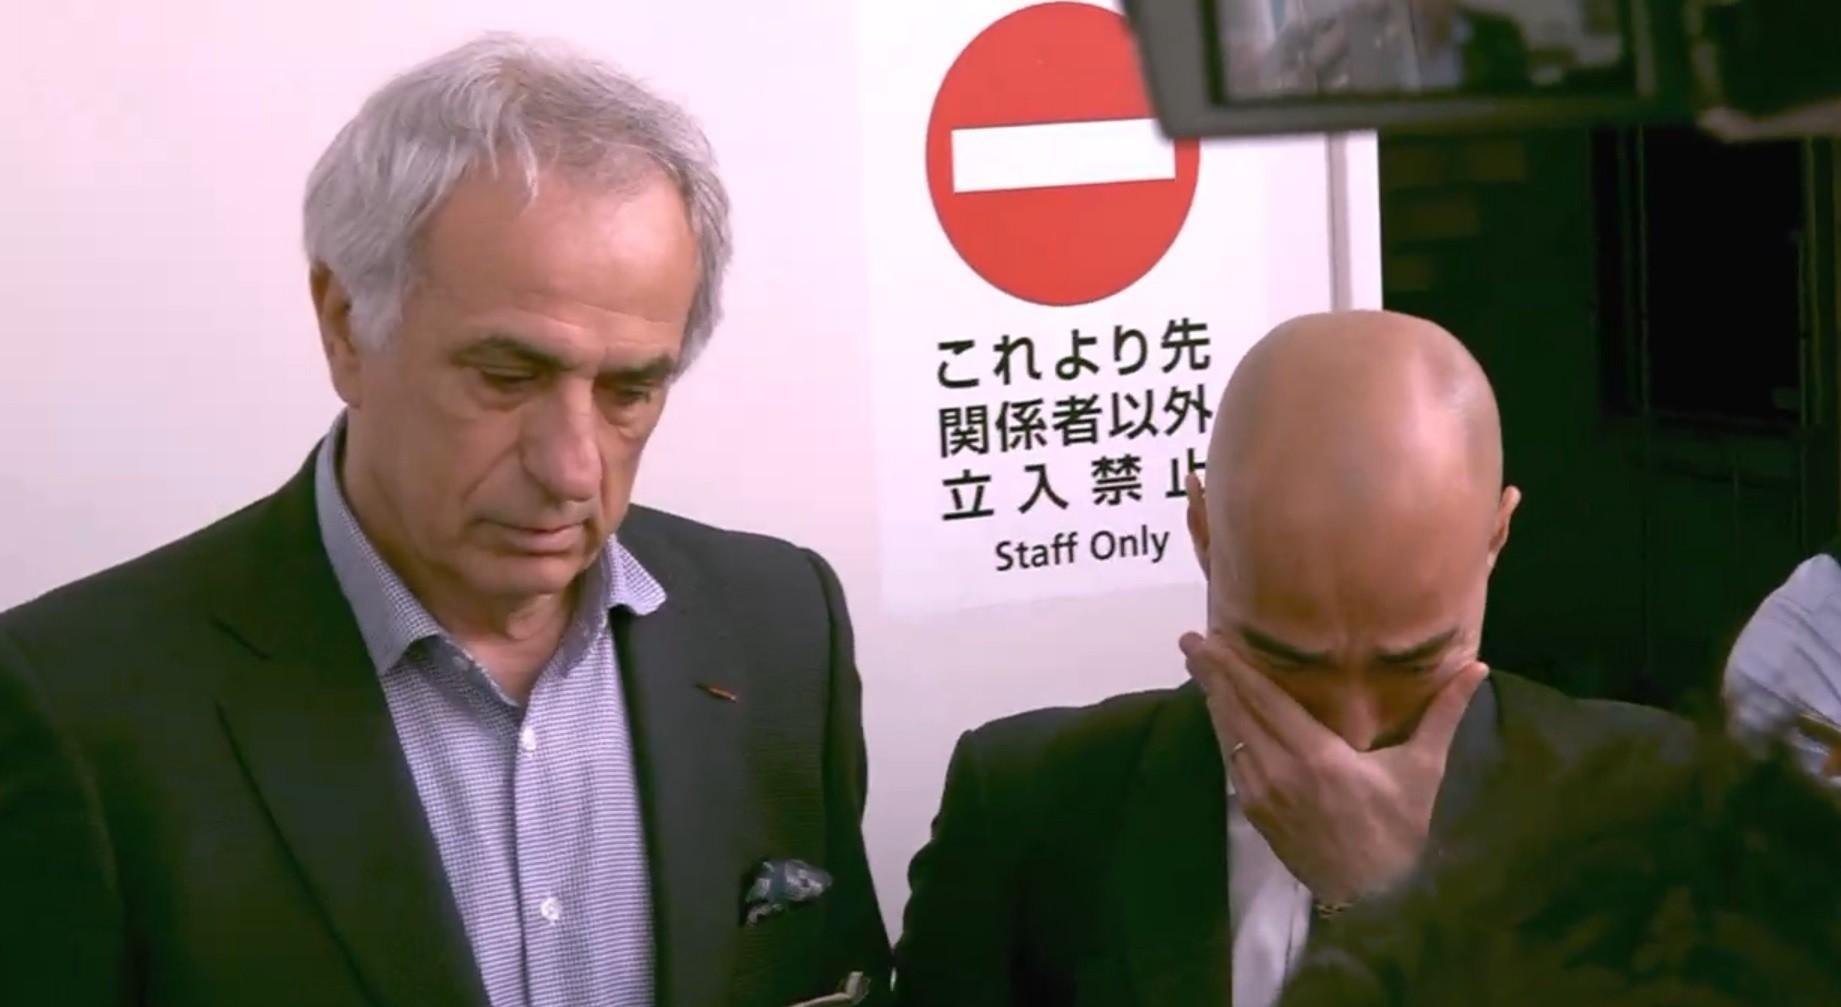 【闇深そう】サッカー日本代表解任のハリルホジッチ氏が来日!「私をゴミ箱に捨てたような状態」と語るハリル氏に、通訳の樋渡群氏が思わず涙!